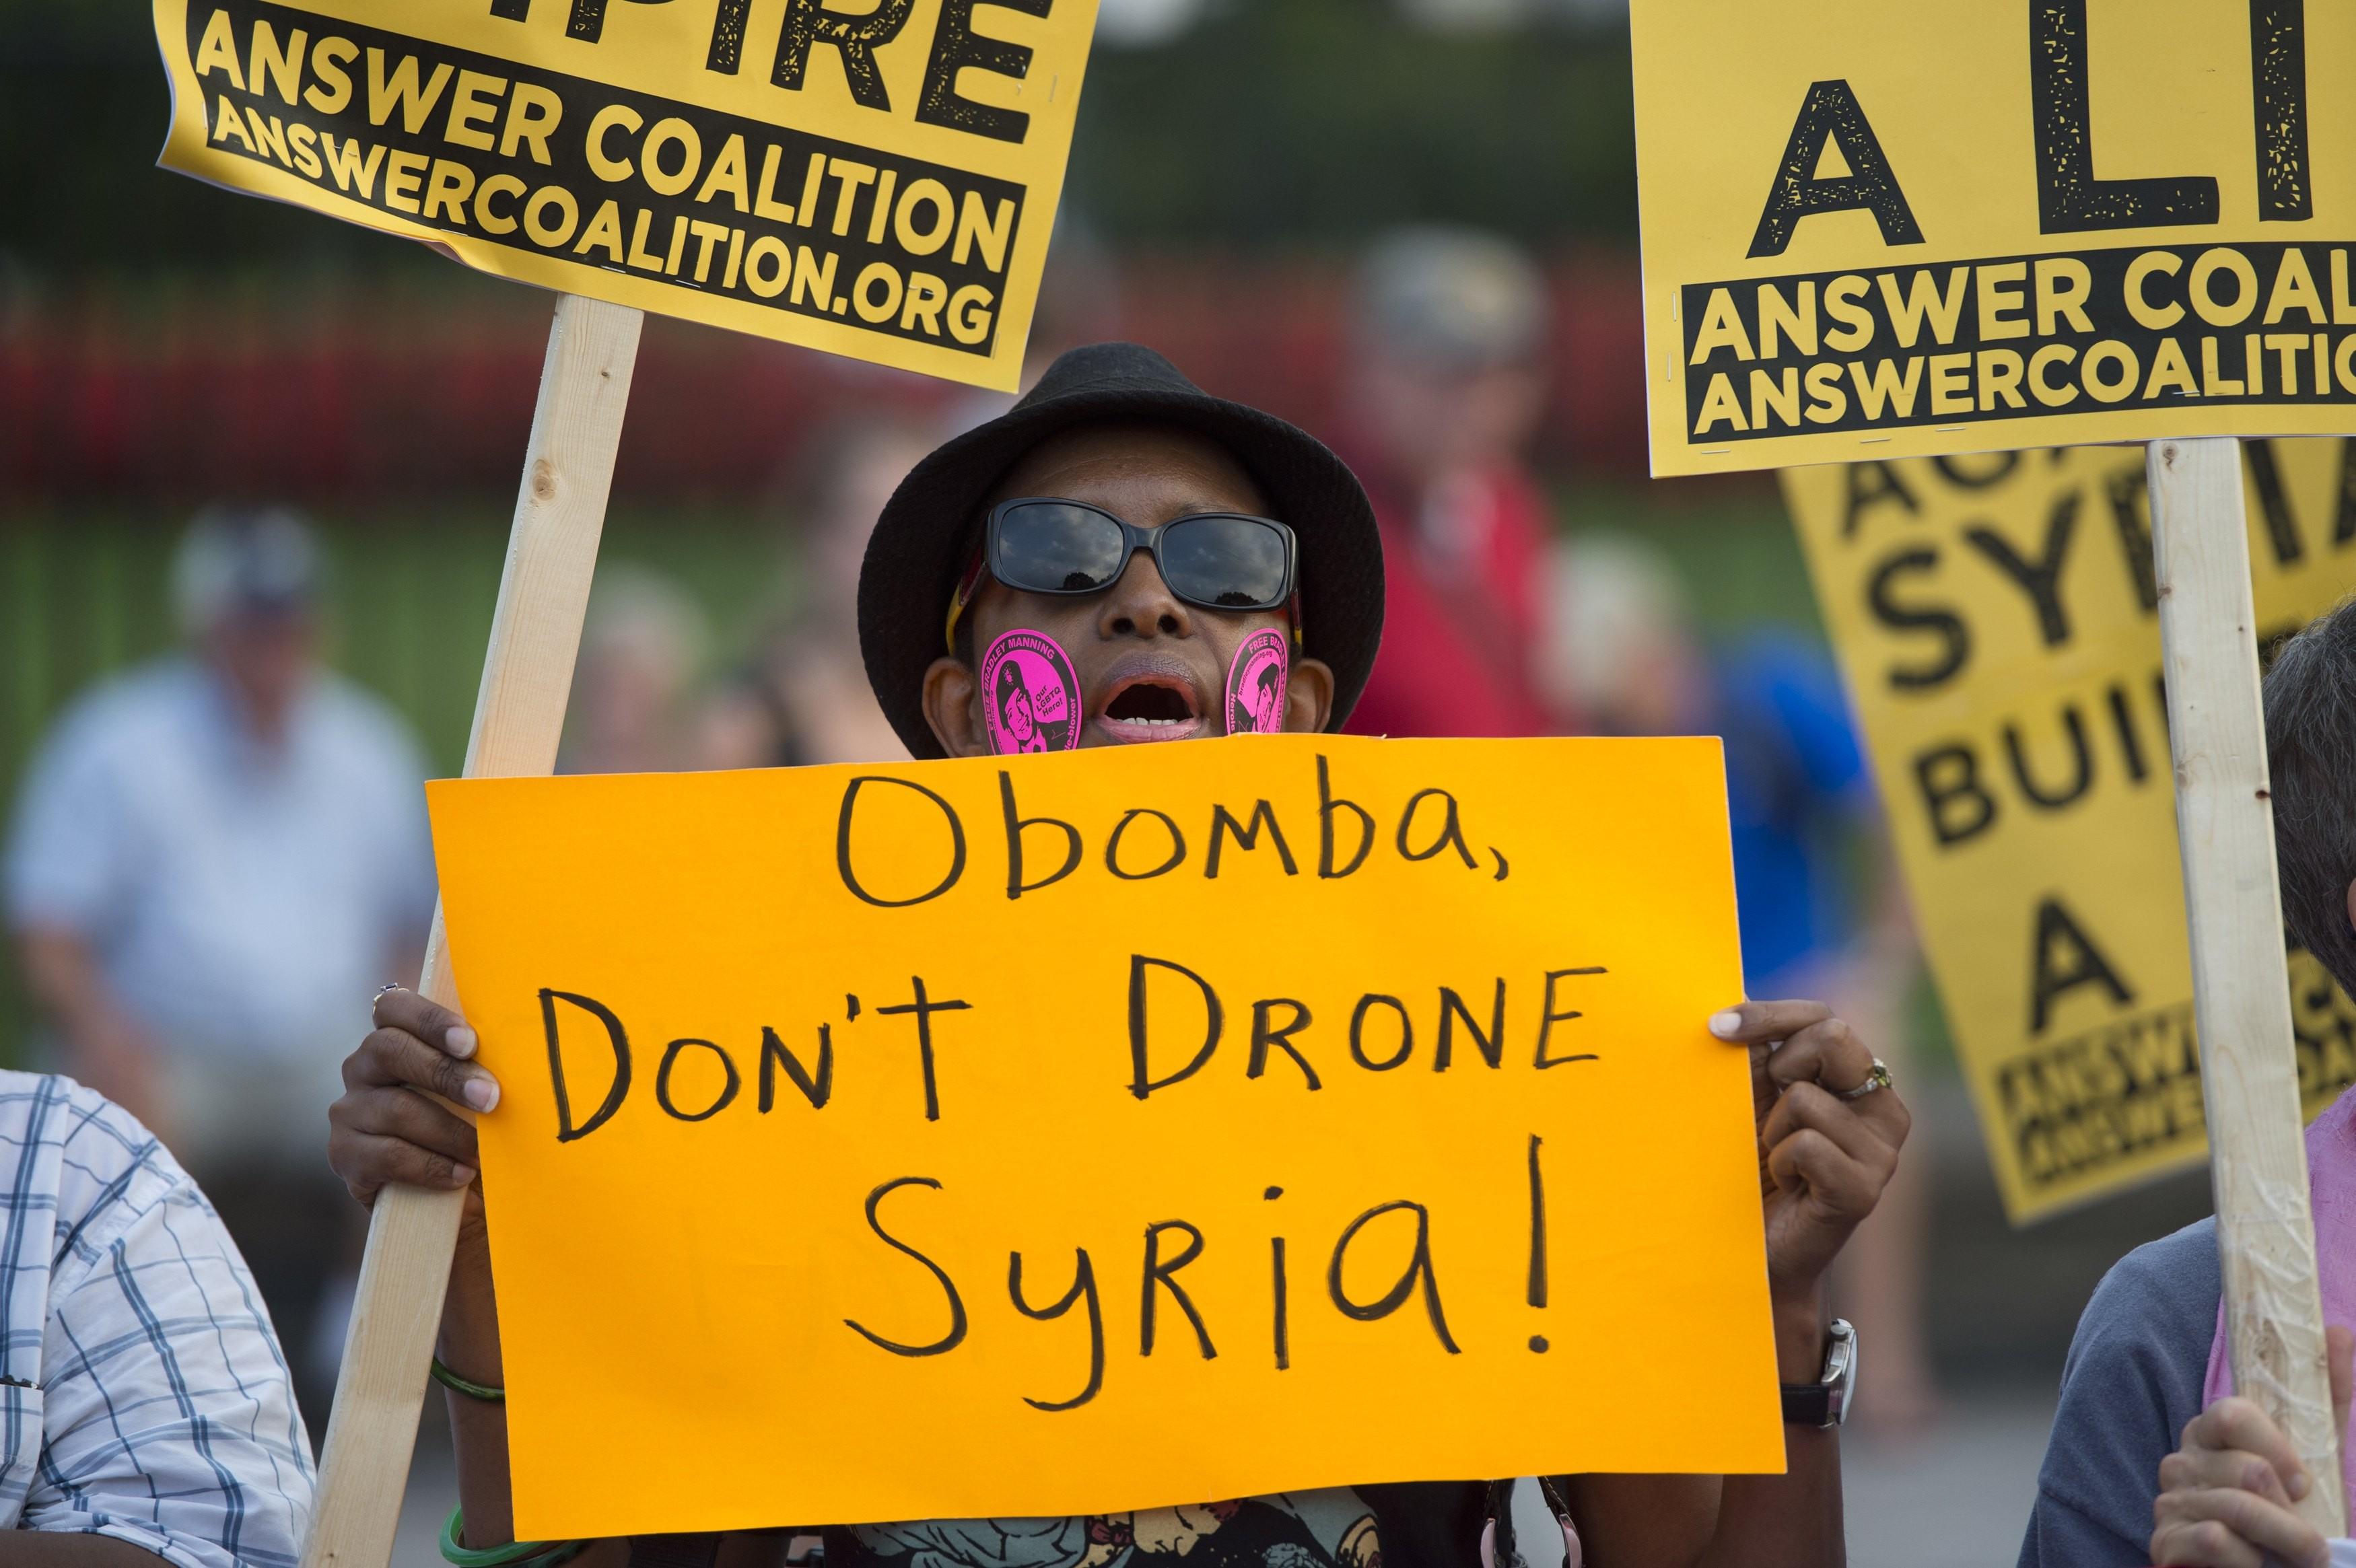 Protestas por guerra con Siria - 3500x2330